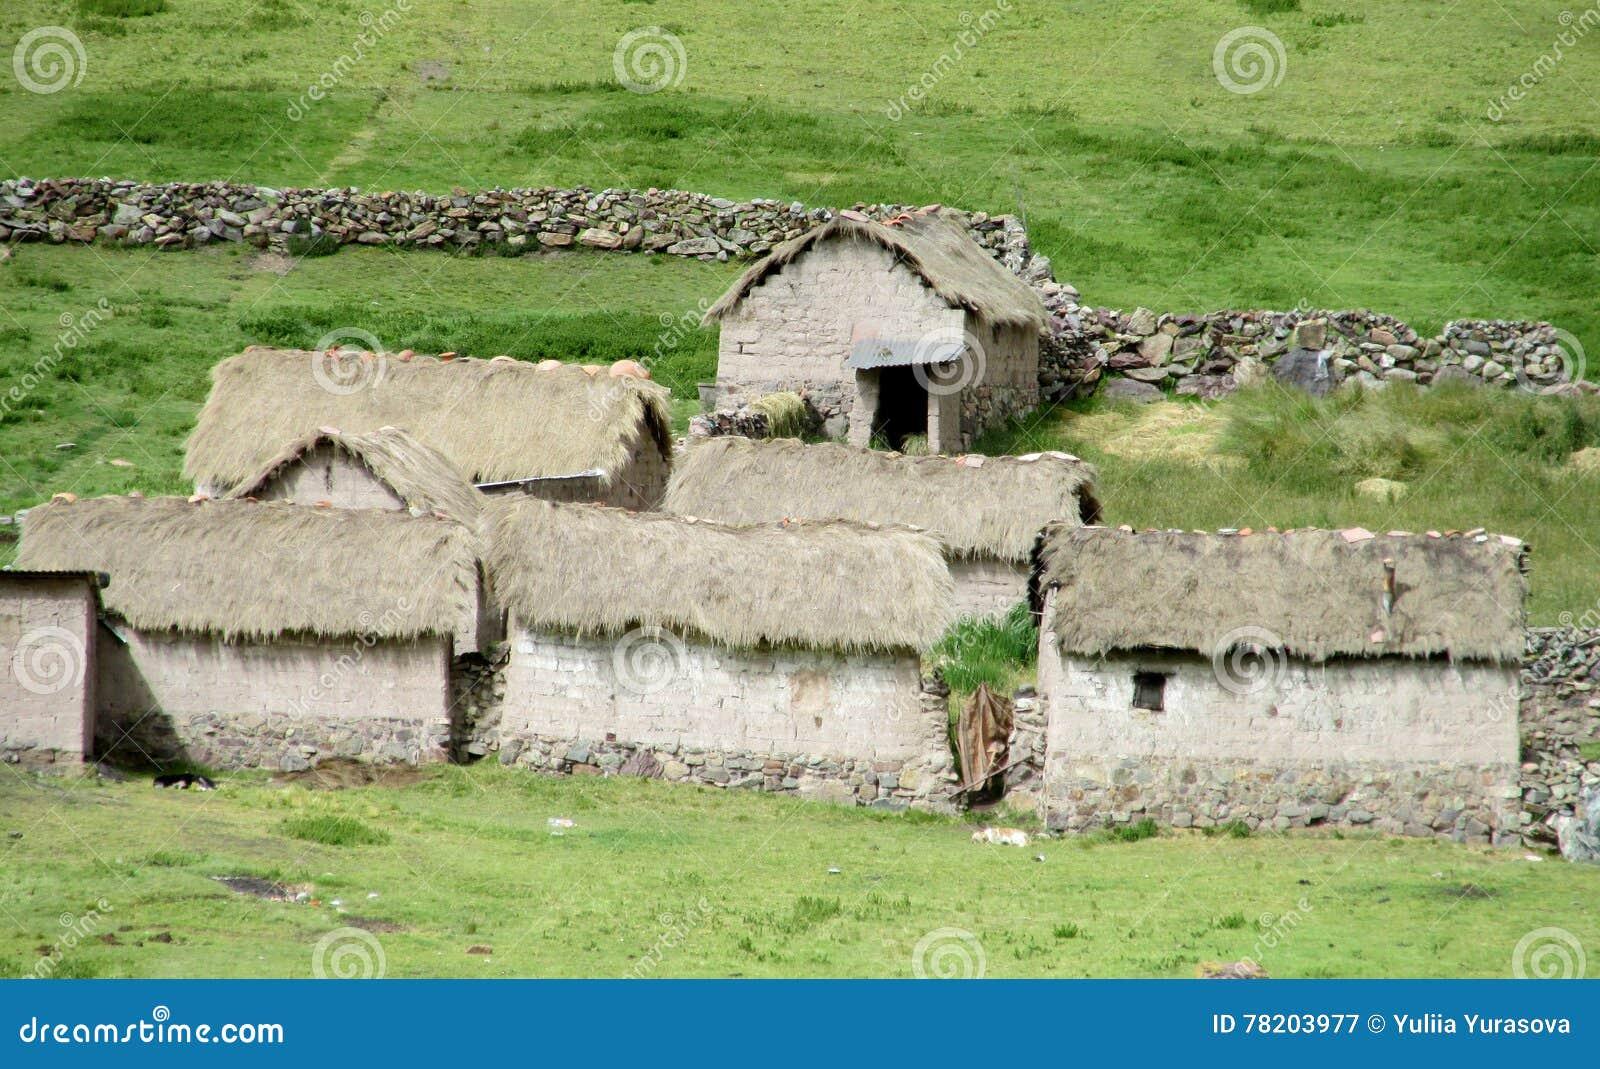 Case In Pietra Di Montagna : Vendita agenzia immobiliare alda valsesia vendita case